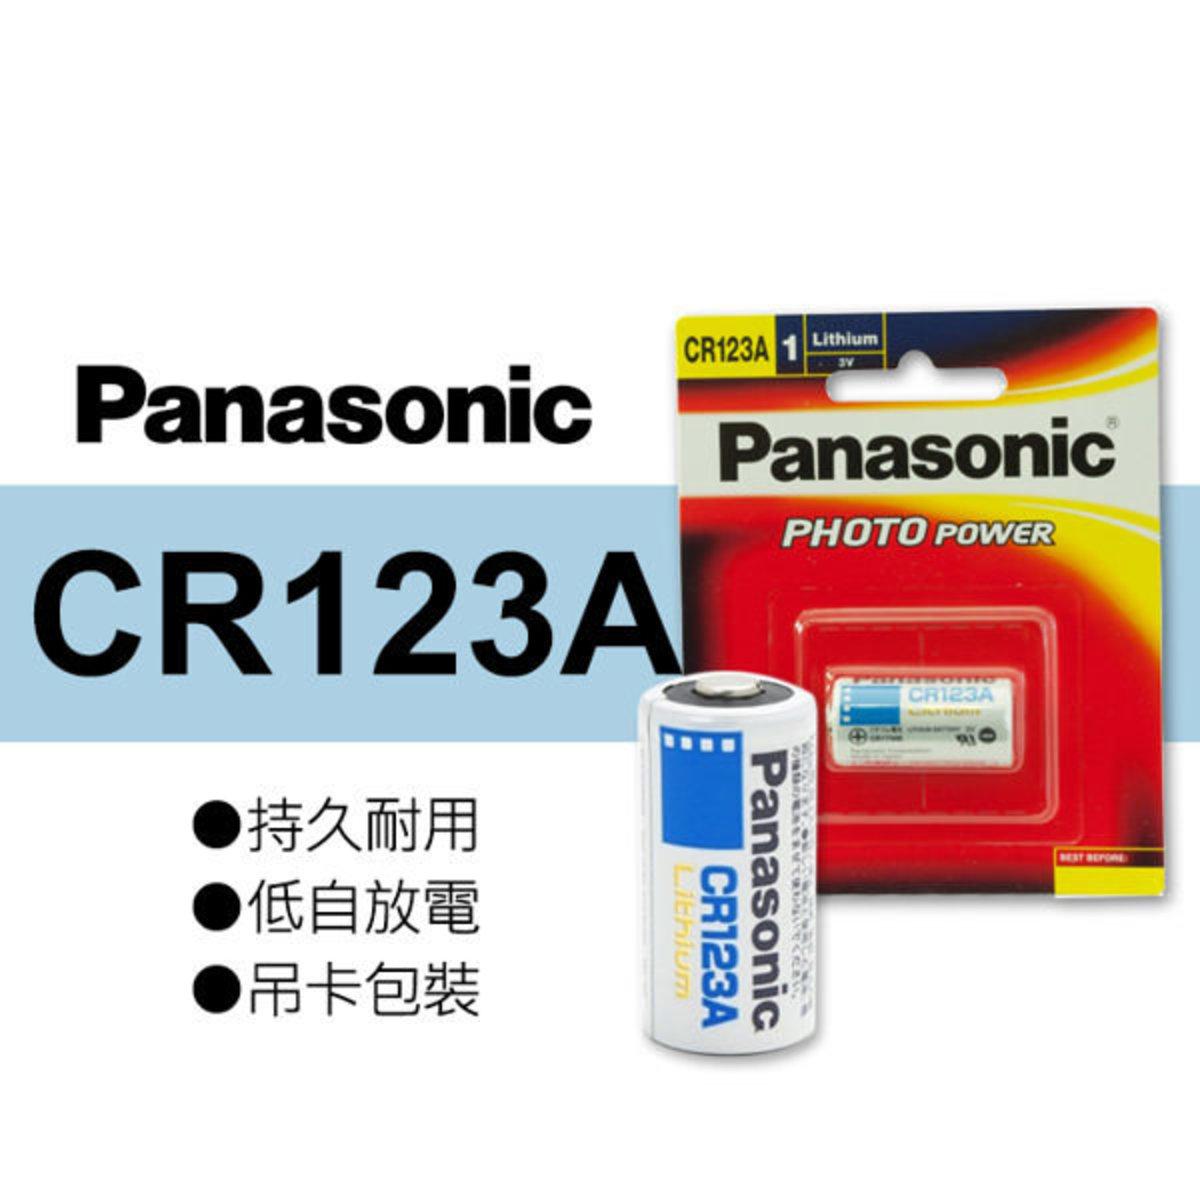 CR123A 3V 鋰電池 1粒裝 CR-123AW/1BE